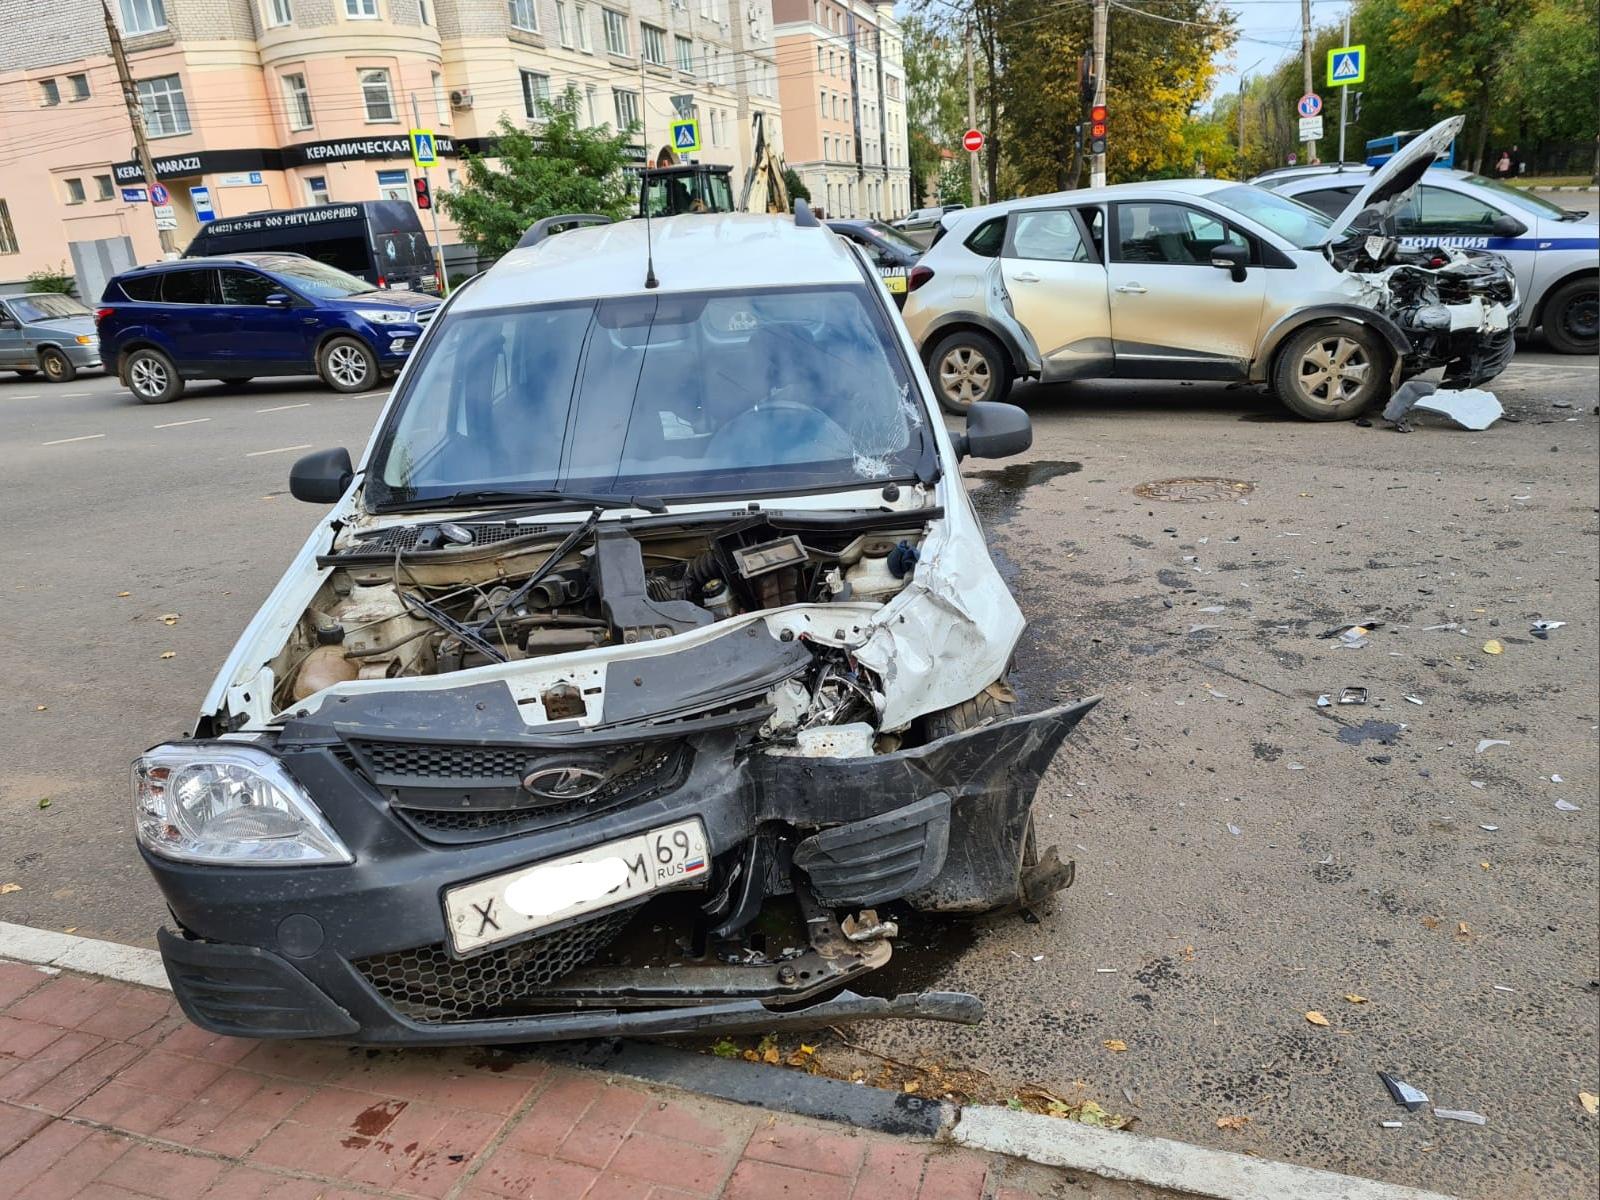 Два водителя пострадали в ДТП в Заволжском районе Твери - новости Афанасий